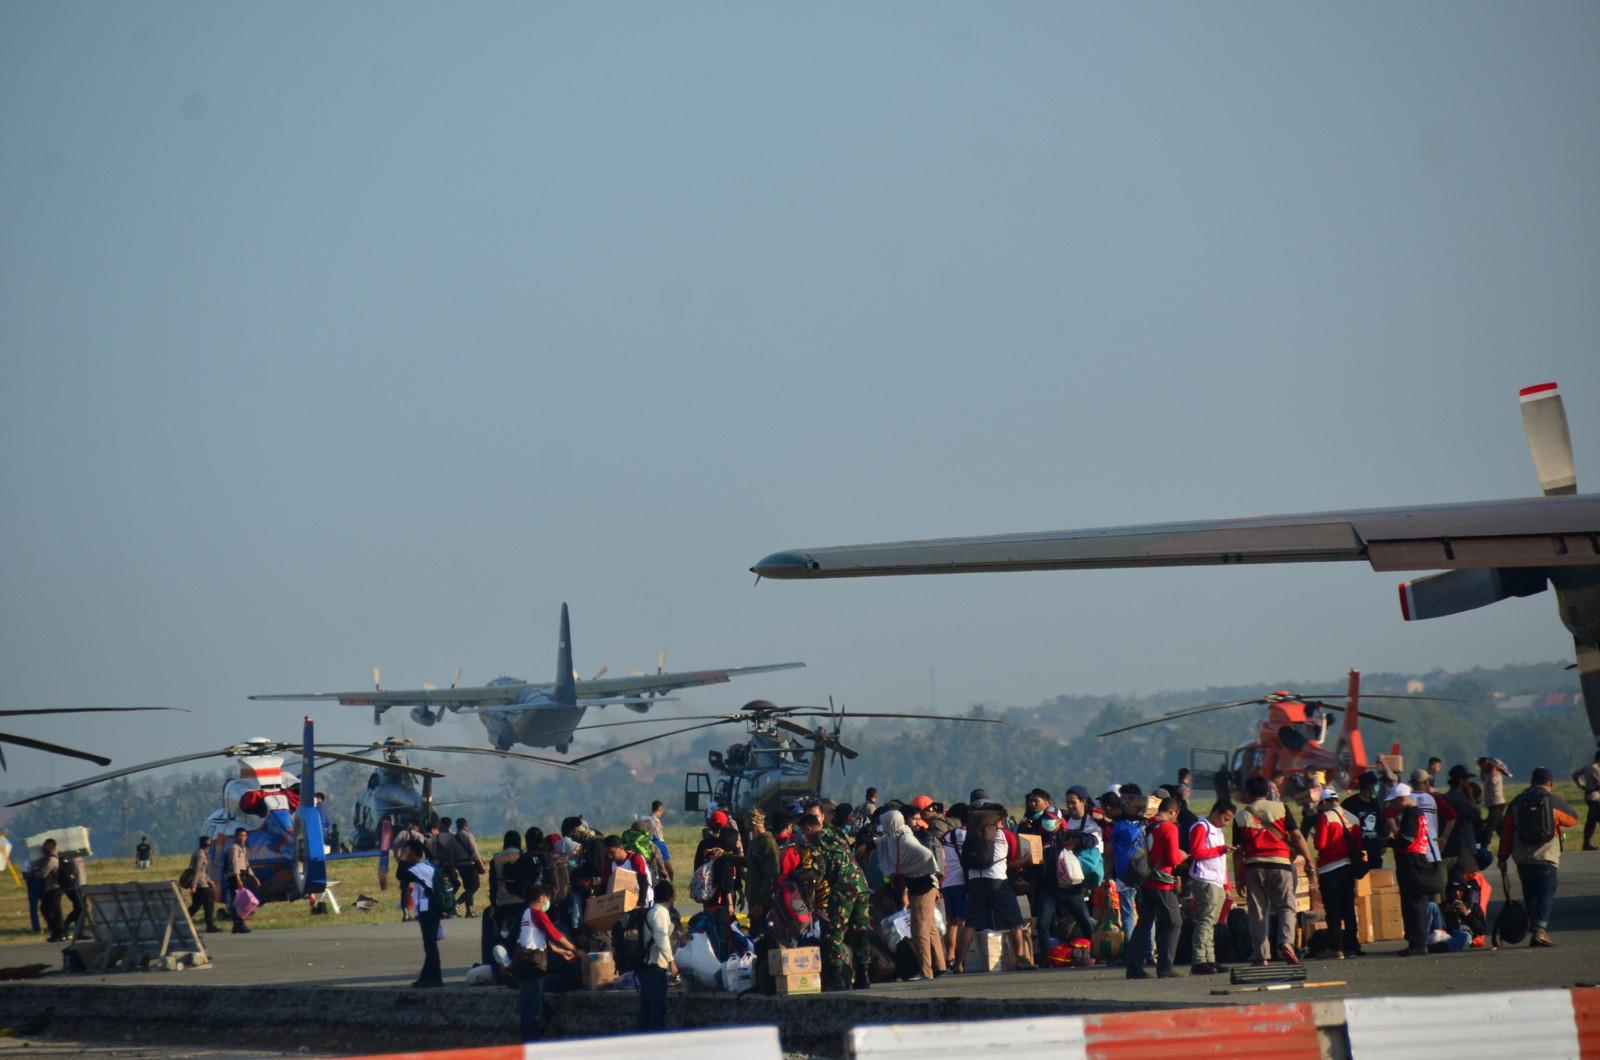 Thảm họa kép Indonesia: Ghi nhận của PV từ đầu cầu cứu trợ hàng không Palu Ảnh 2